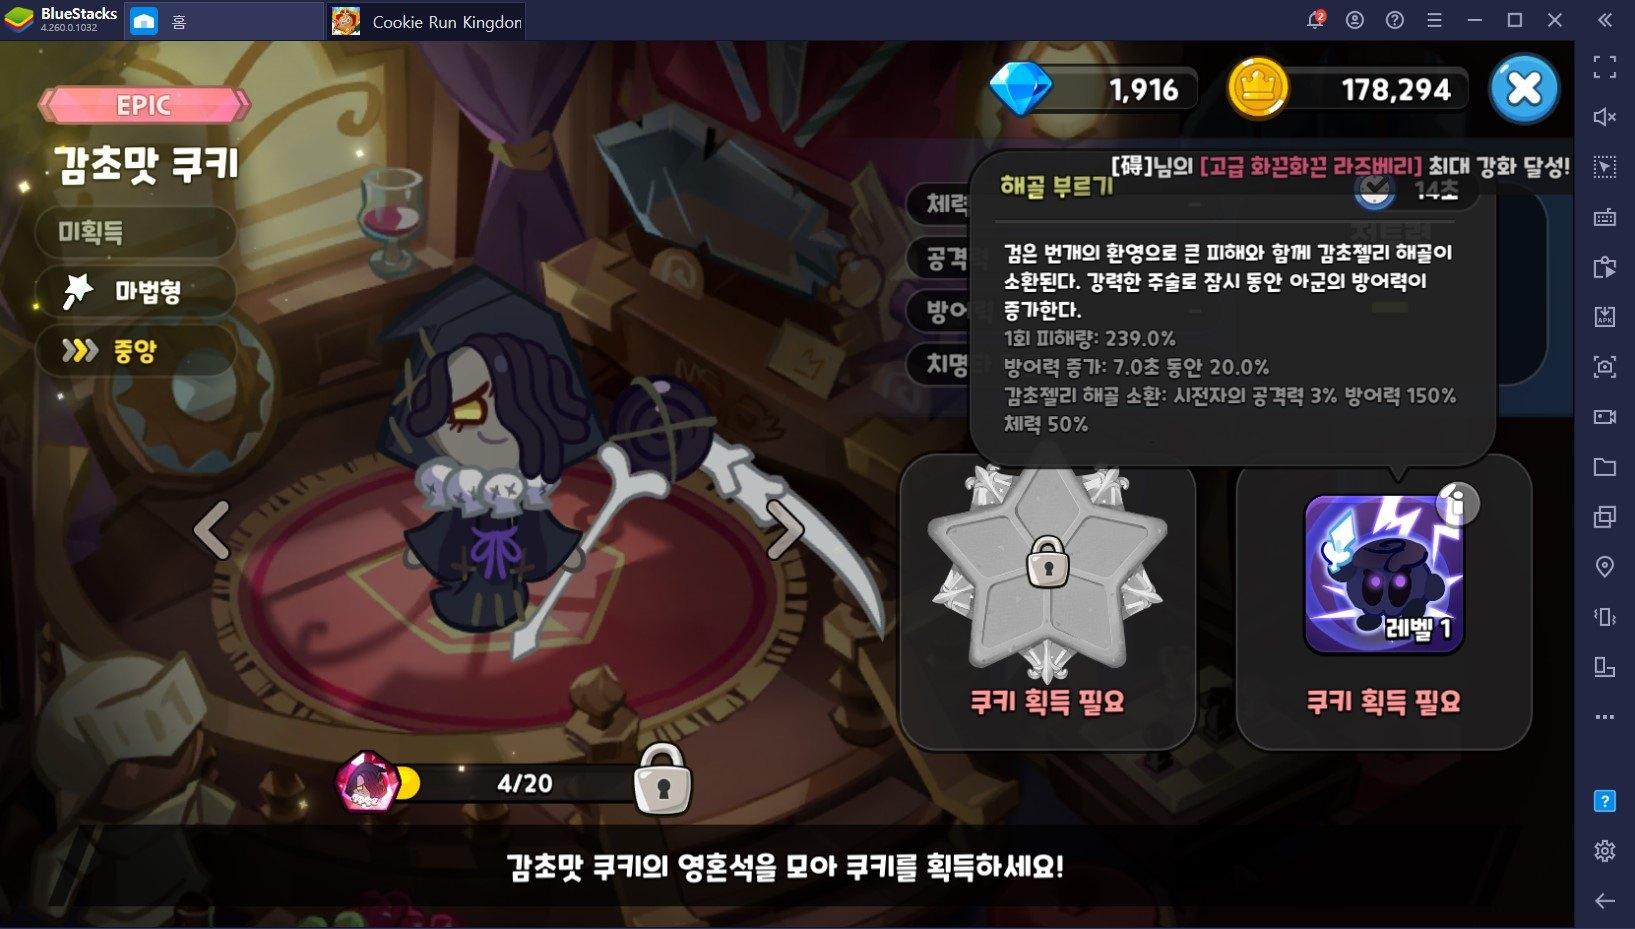 소셜 게임과 RPG의 성공적인 만남, 쿠키런 킹덤의 고성능 쿠키들을 알아보고 PC에서 만나봅시다!